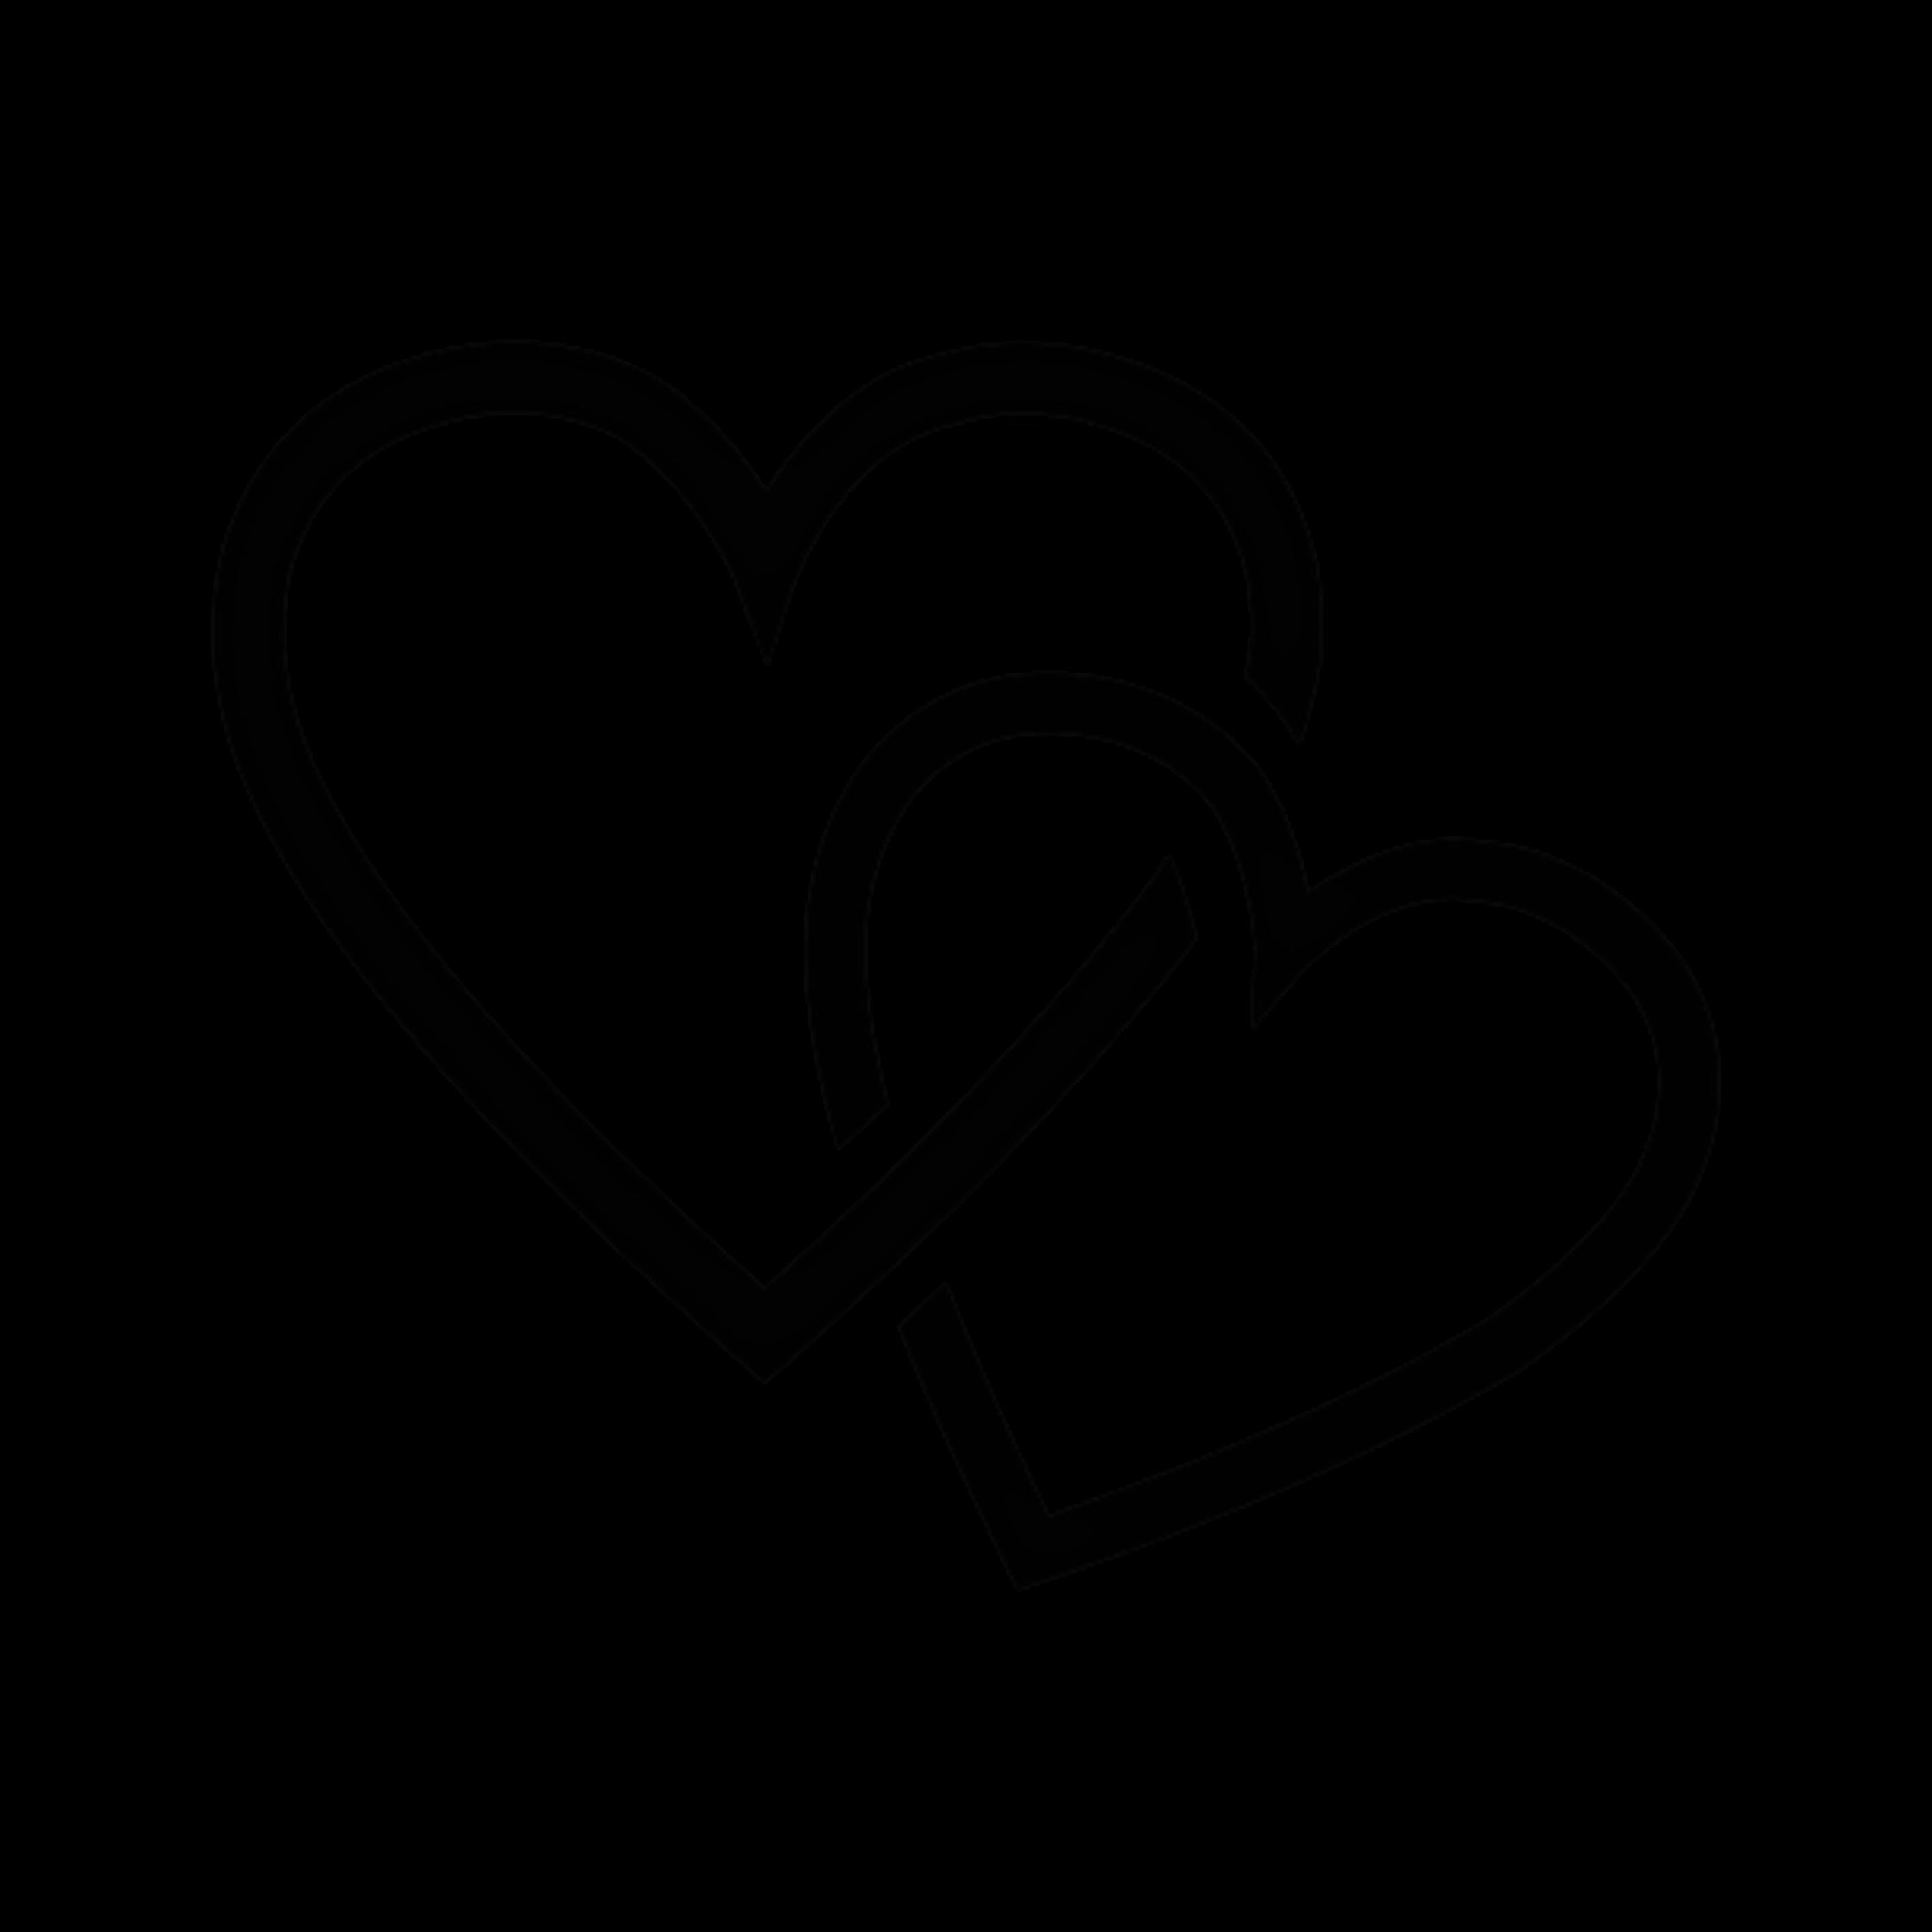 картинка два сердца черно белые кстати, иногда тренировках